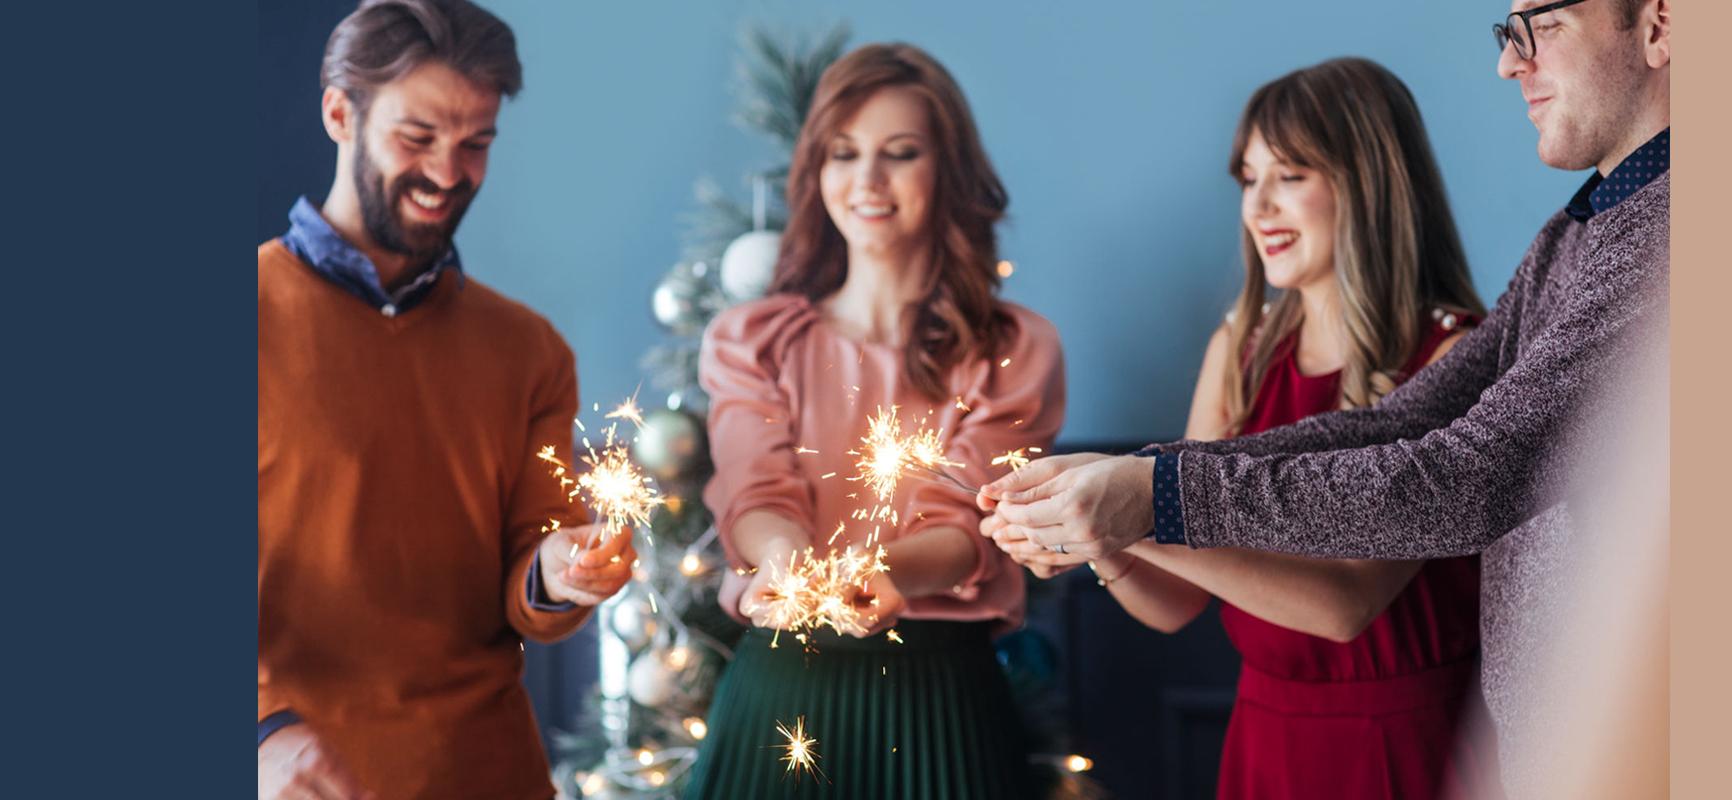 Kerstcadeau Voor Collegas En Familie 1 In Kerstcadeaus